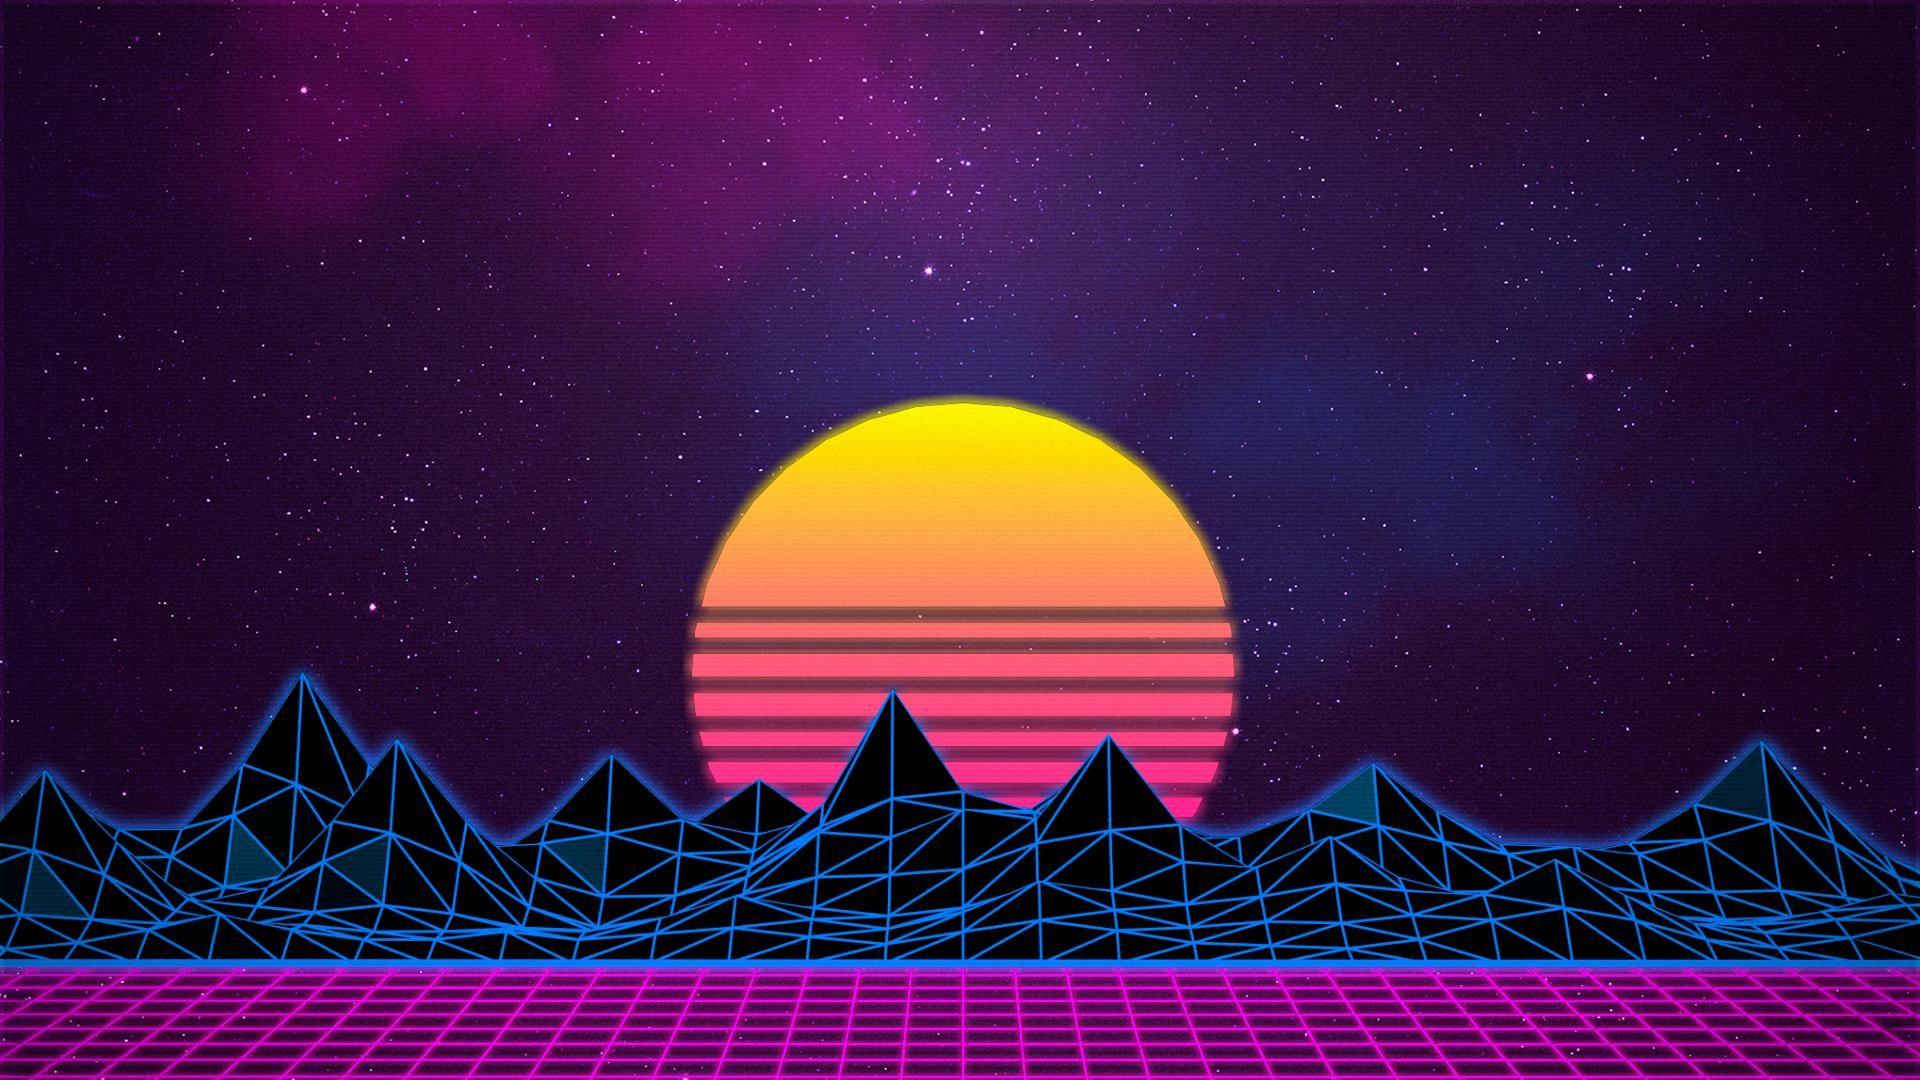 http://www.wallpaperbetter/wallpaper/189/179/619/synthwave-new